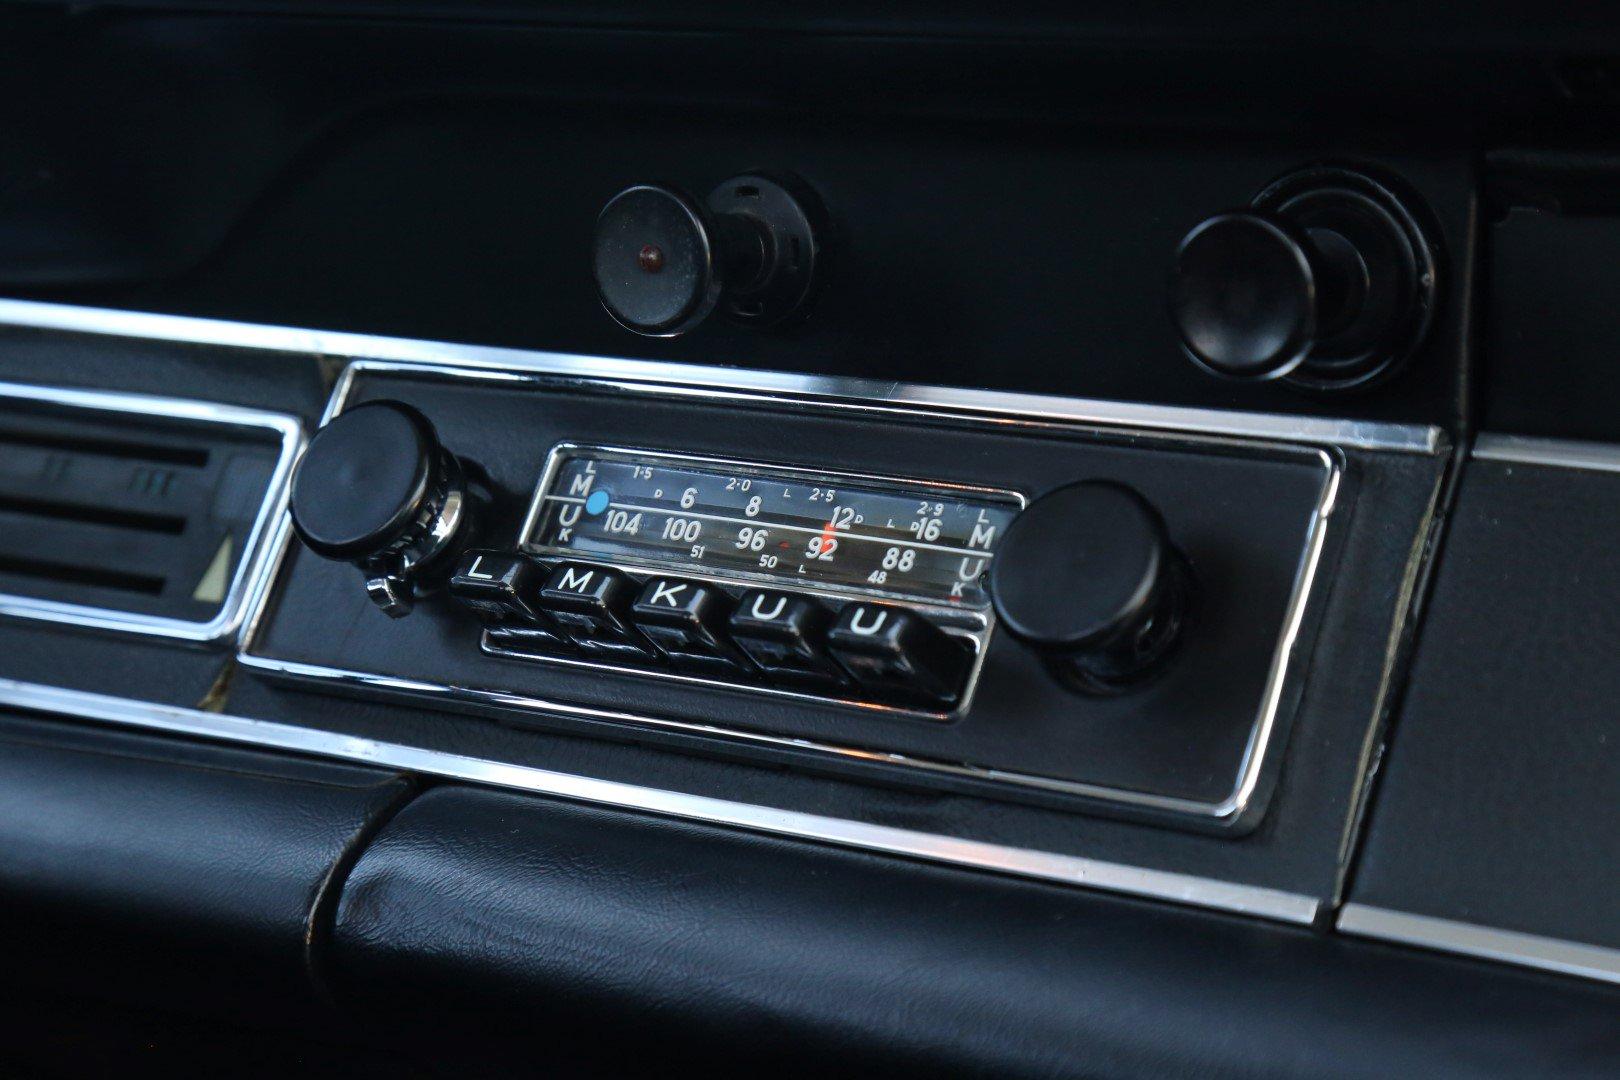 Nút điều chỉnh trên xe Porsche 911 Carrera RS 2.7 1973